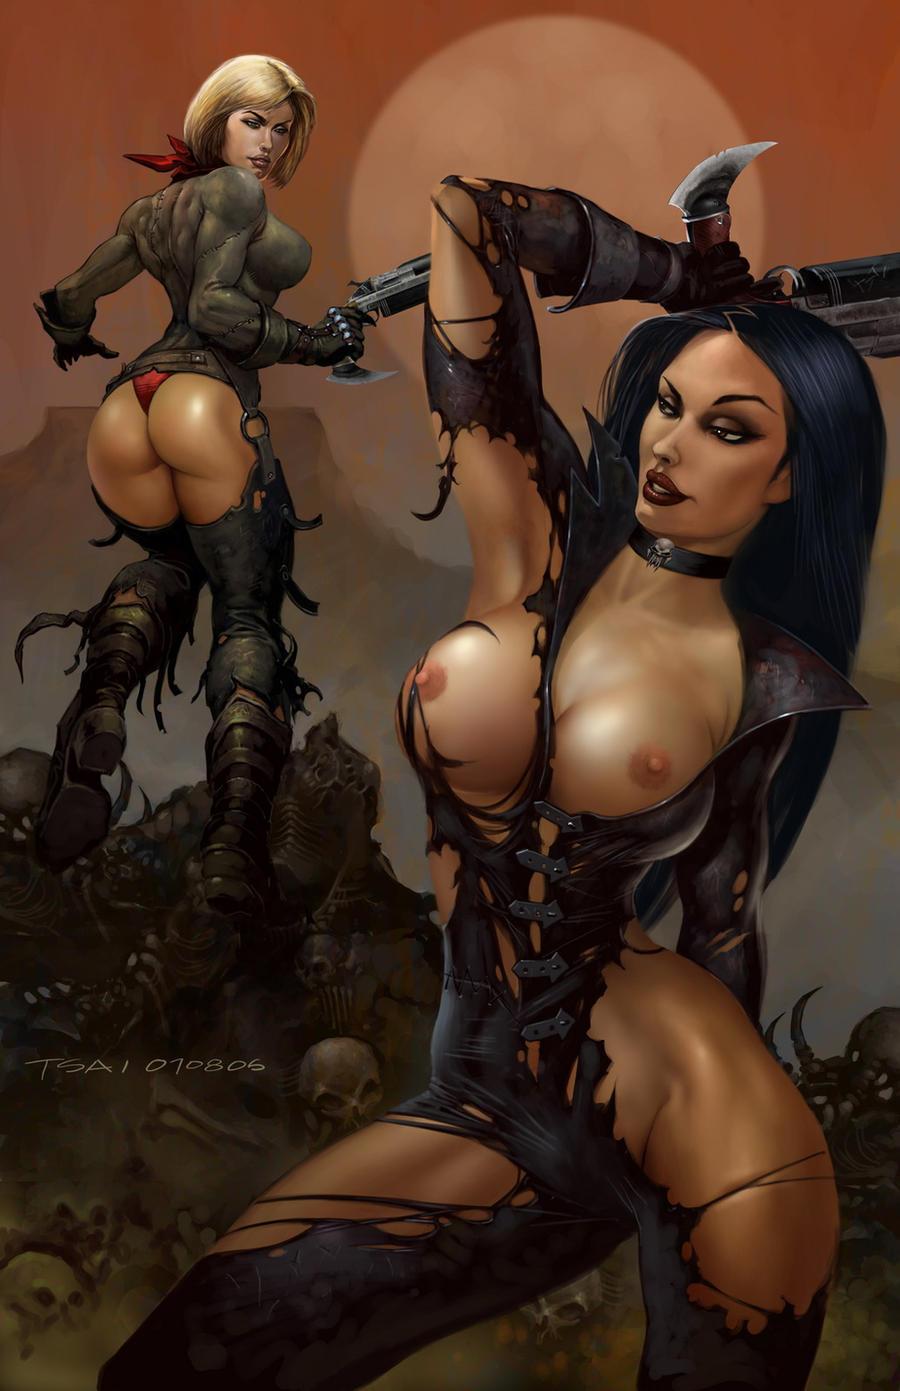 Рисованные голые девушки из компьютерных игр 11 фотография